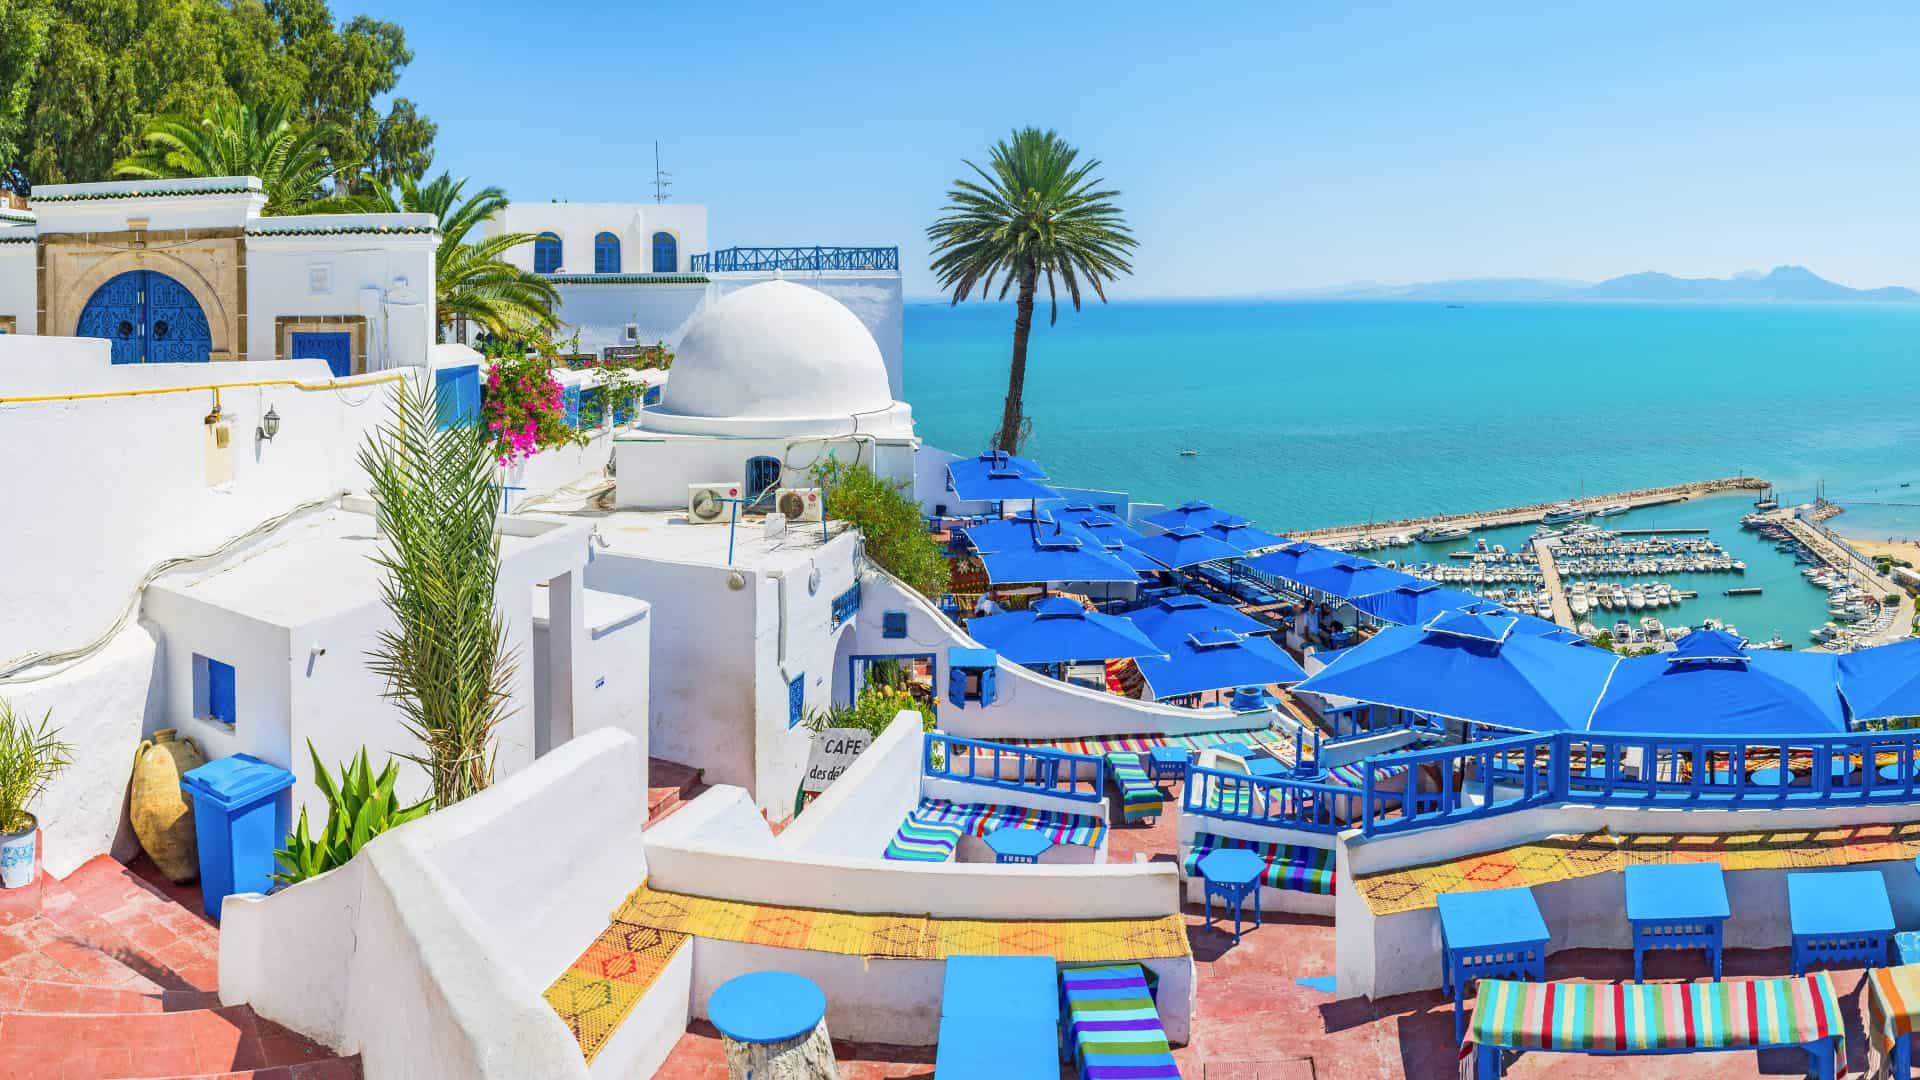 ТОП-10 причин выбрать отдых в Тунисе: полезные советы для туристов